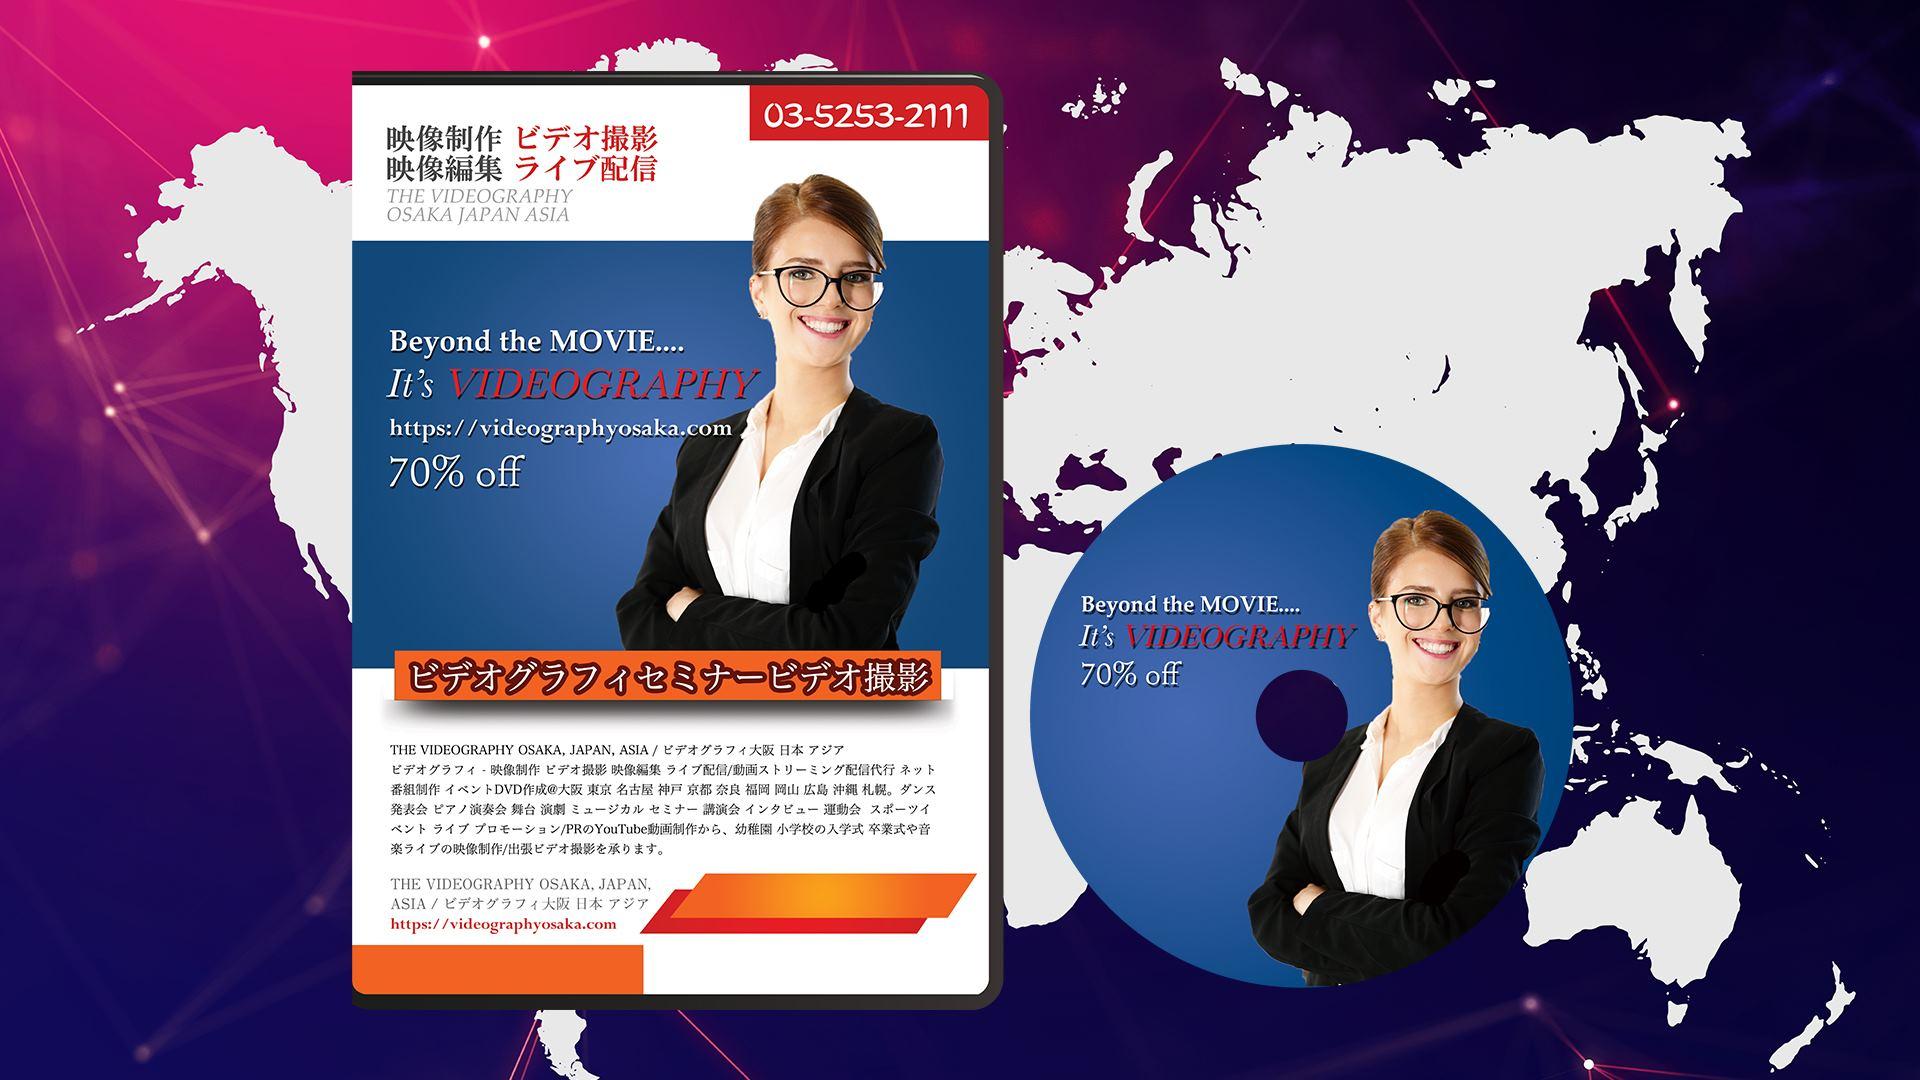 ビジネス アントレプレナー 起業家向けセミナー・講演会 DVDパッケージデザイン Vol.4